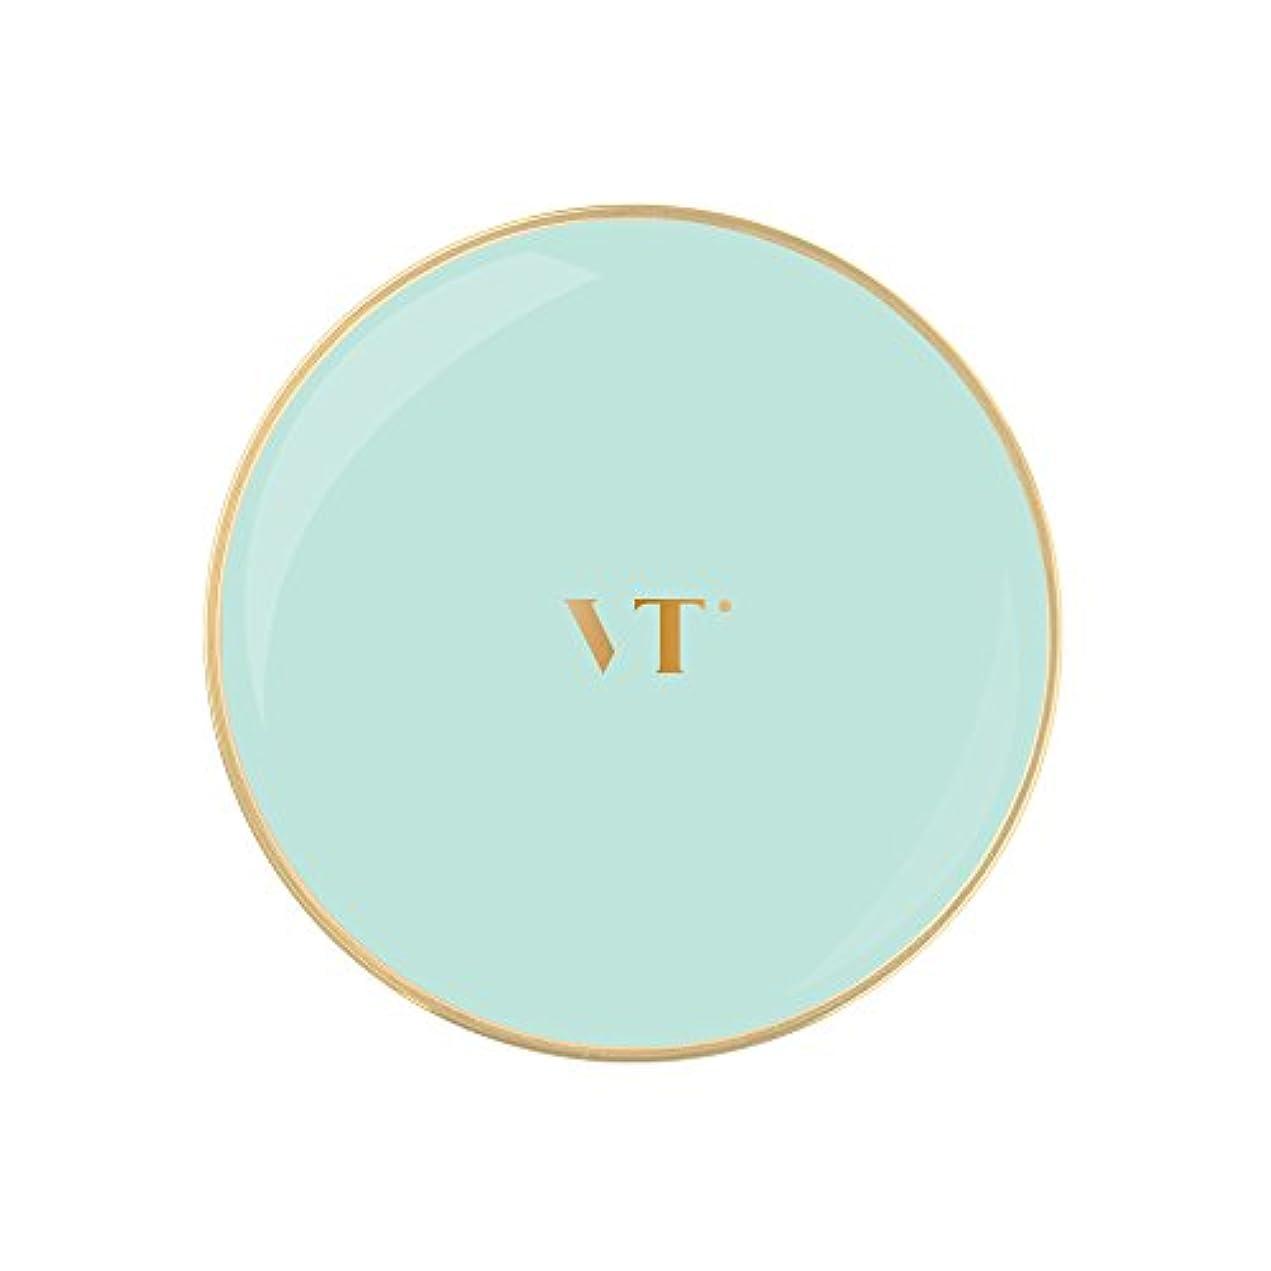 オーバーフロー過敏なドナーVT Blue Collagen Pact 11g/ブイティー ブルー コラーゲン パクト 11g (#23) [並行輸入品]